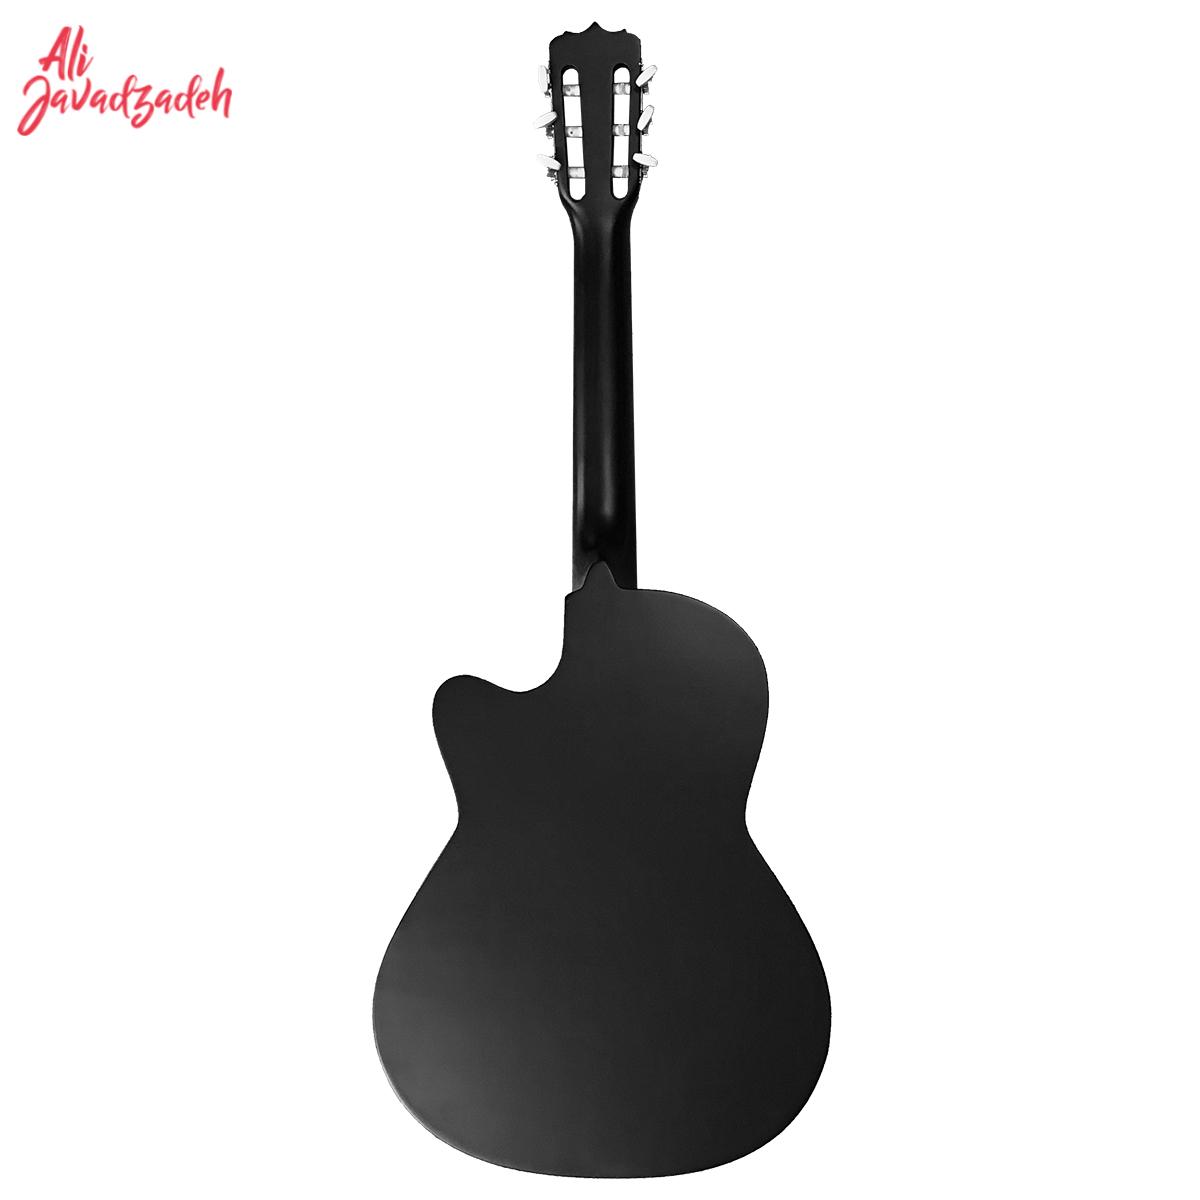 گیتار کلاسیک علی جوادزاده مدل 1C-6